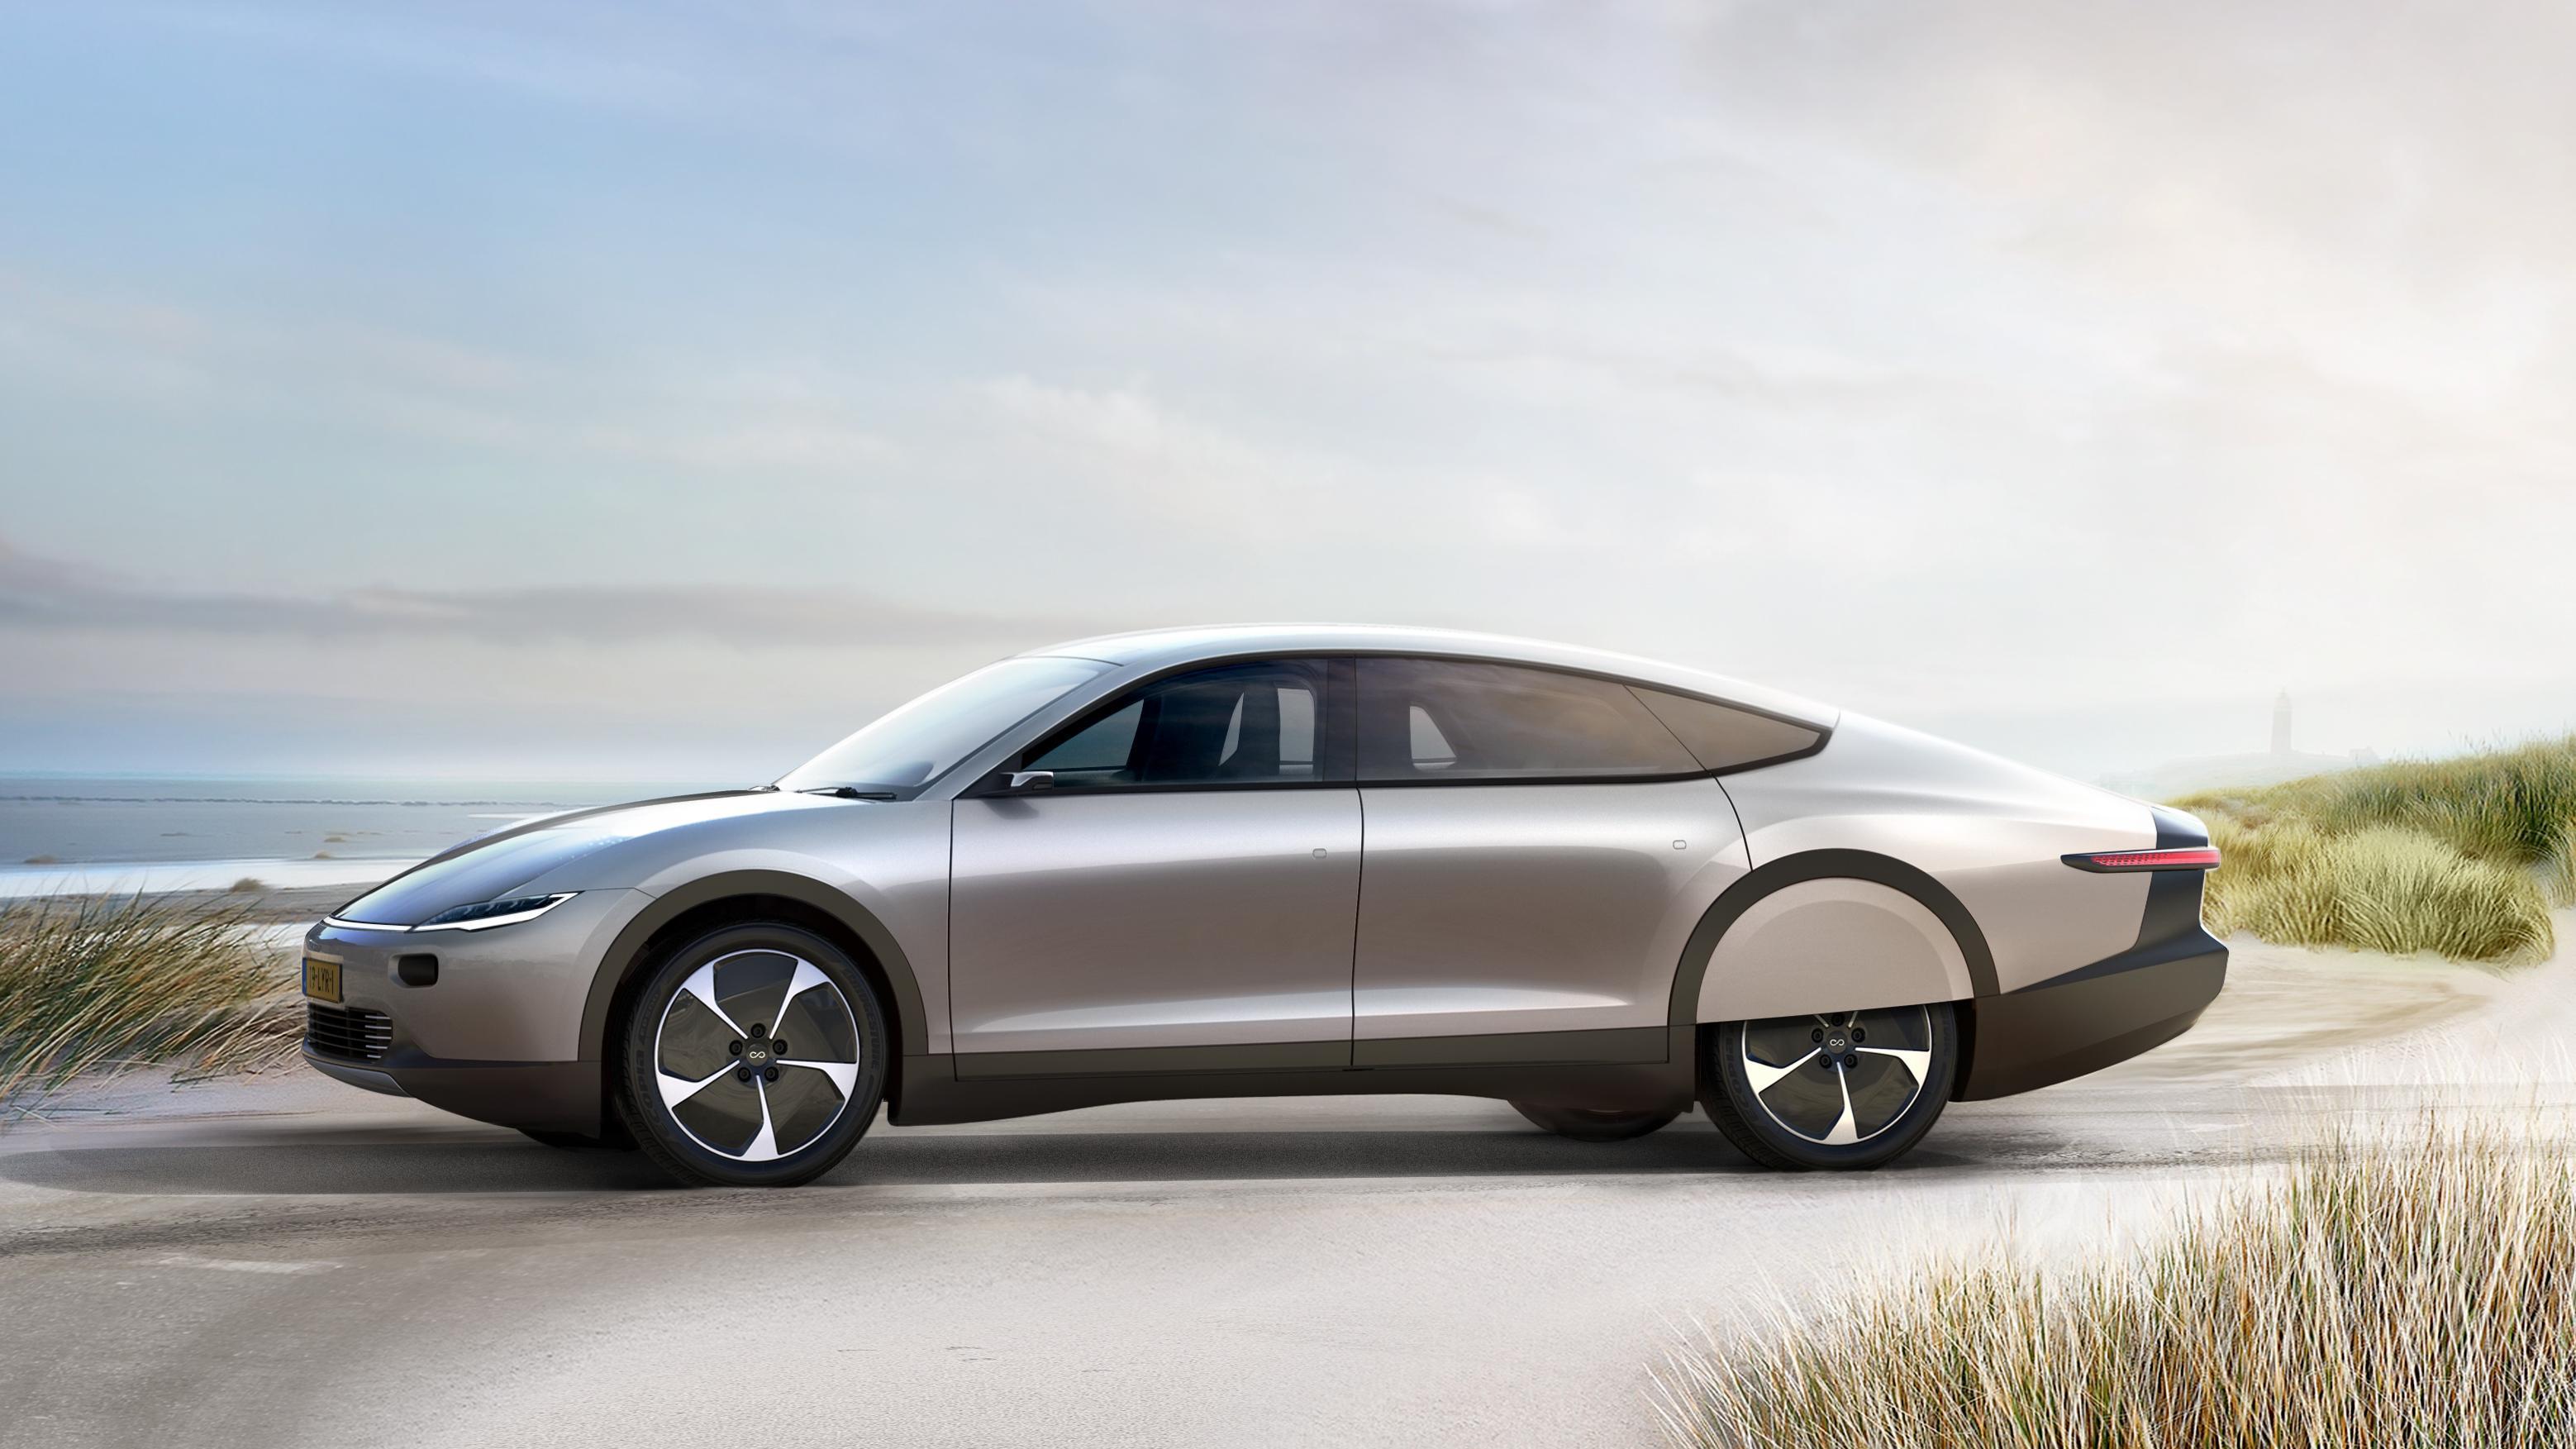 Lanserer solcelle-elbil med 725 kilometer rekkevidde